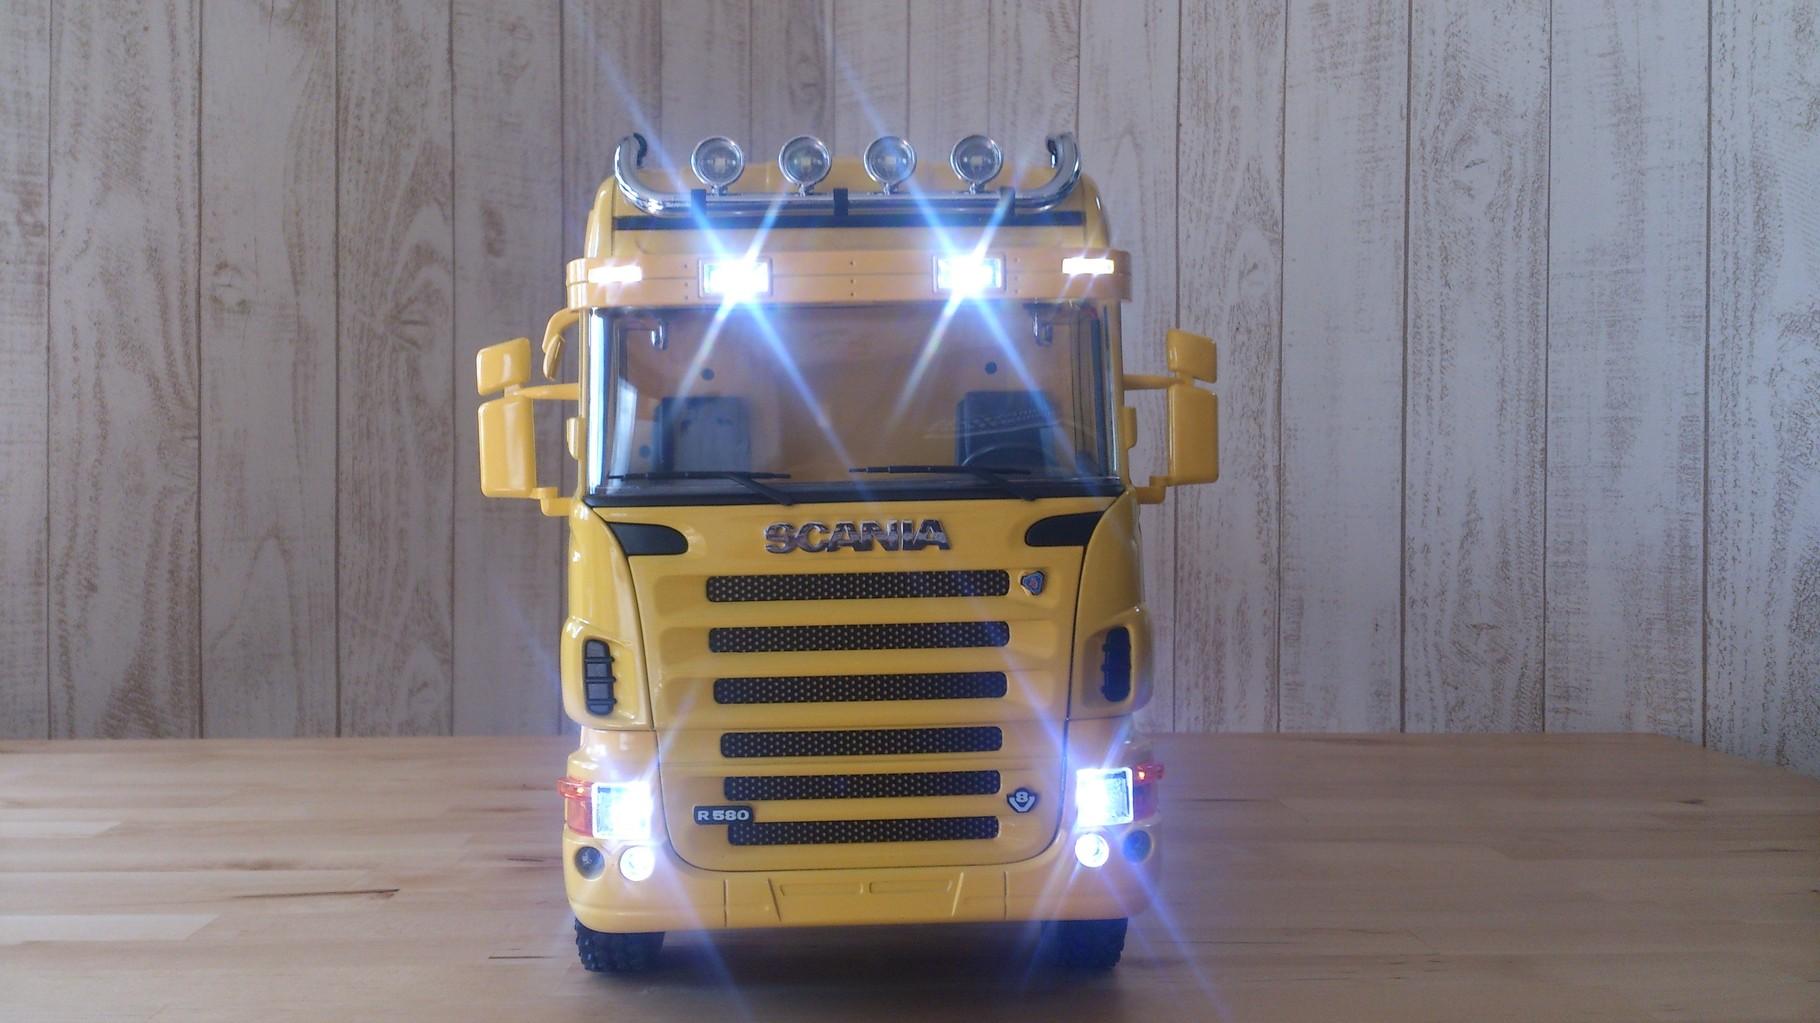 スカニア4軸3転ダンプトラック_サンブラインドのタウンライト、ビームライト、ロービームとハイビーム点灯